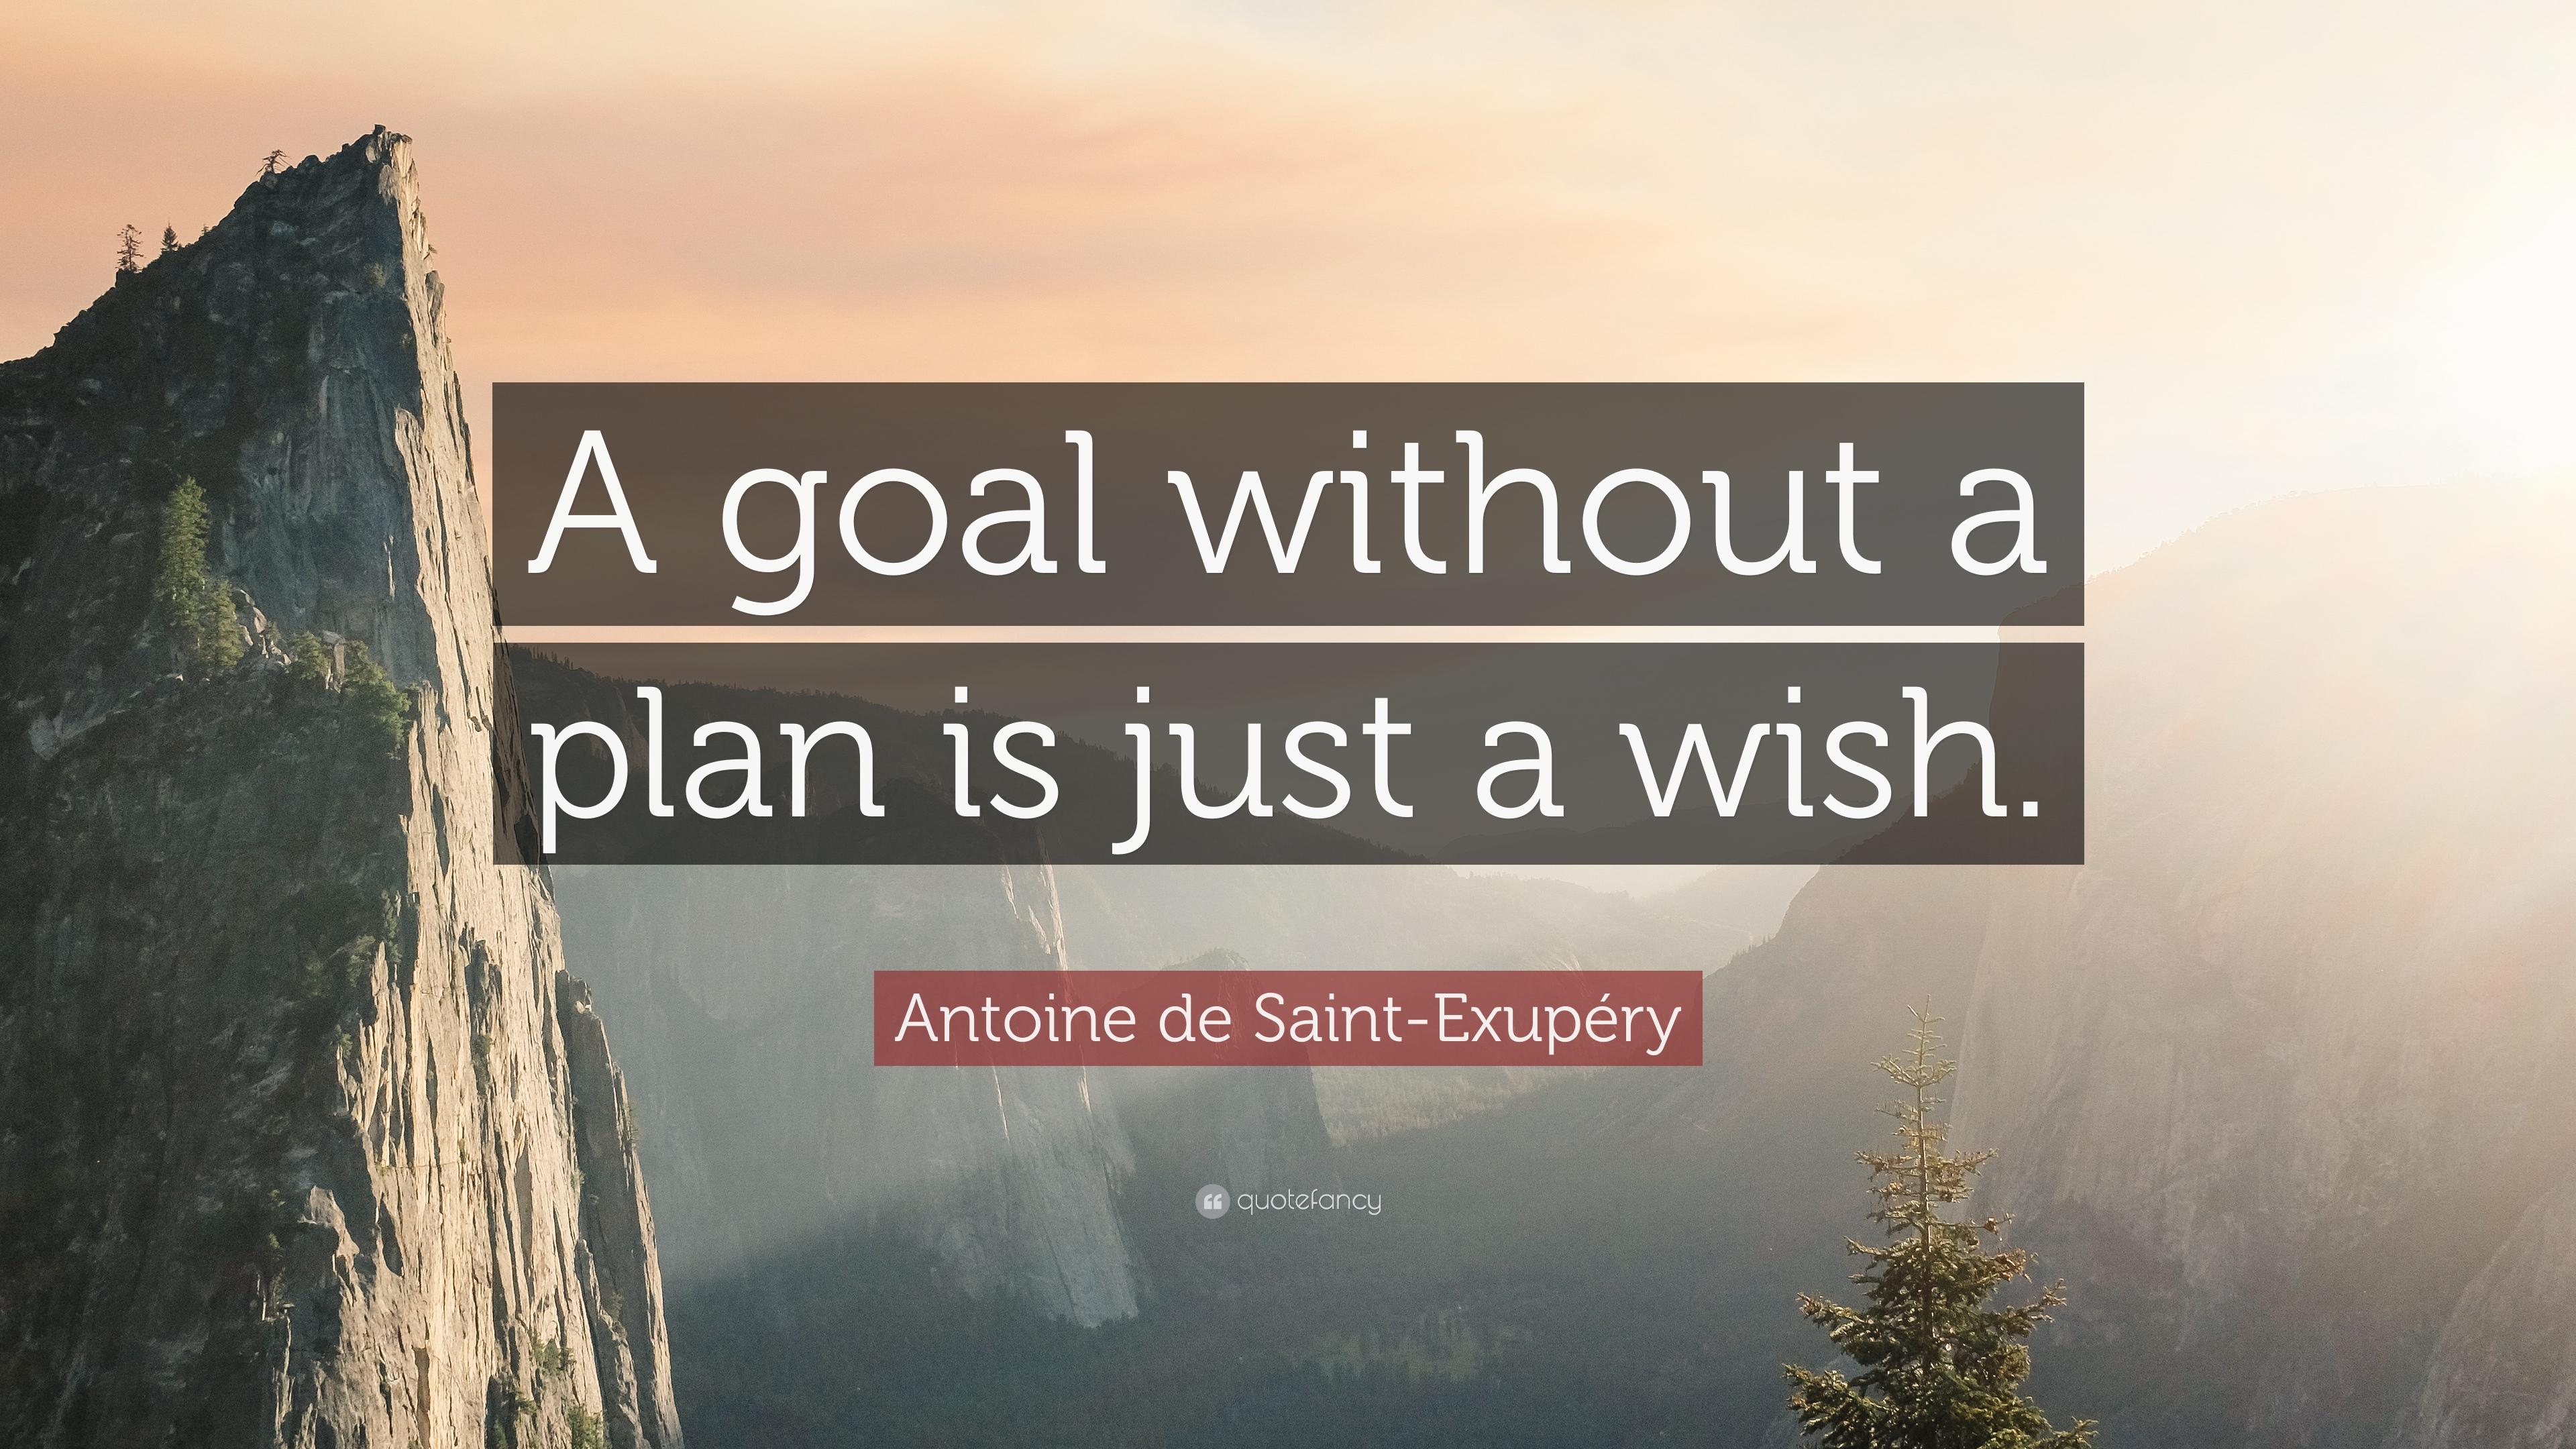 Lipsa planificării înseamnă planificarea eșecului!